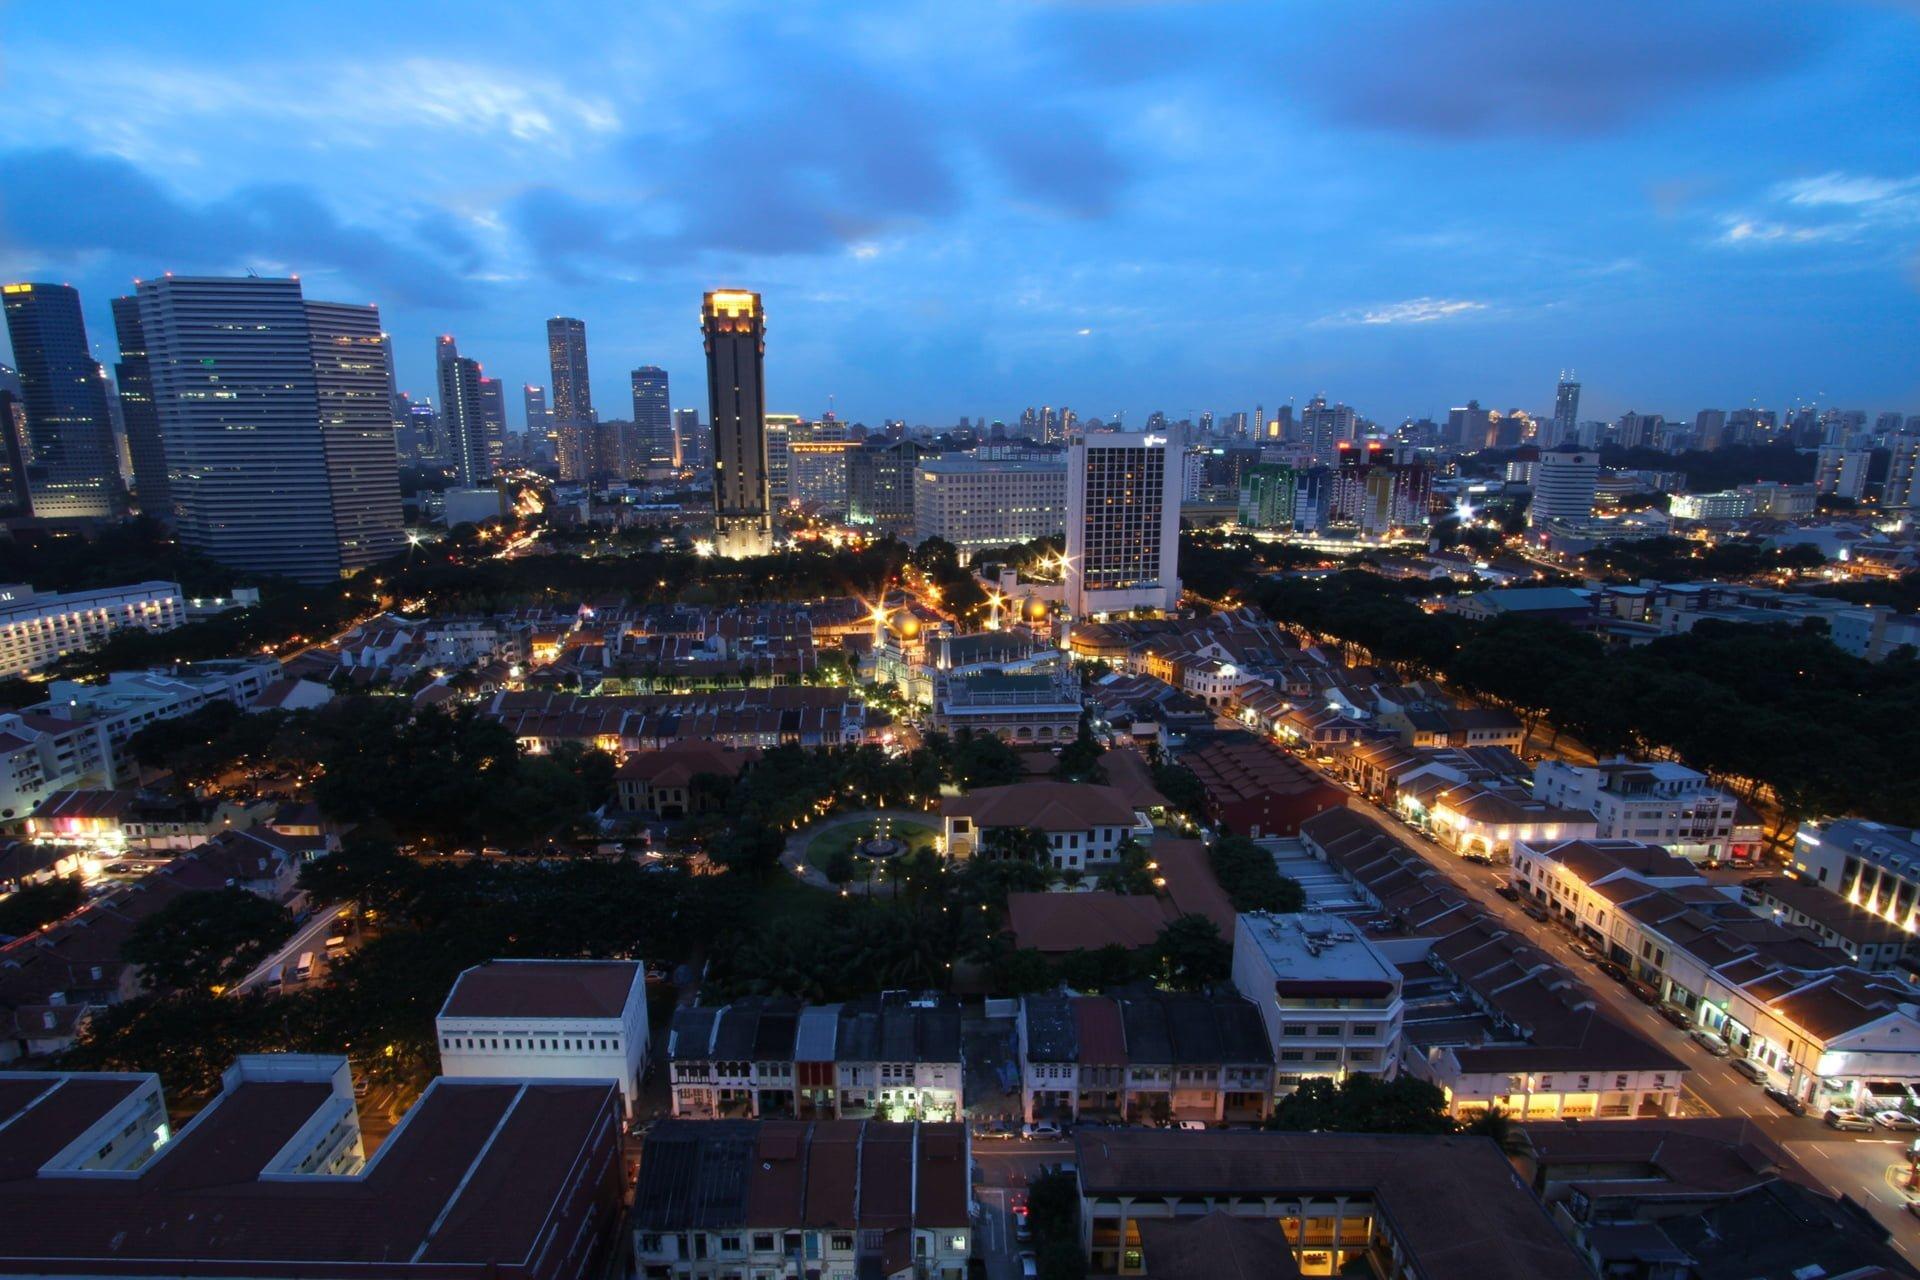 singapur görüntüleri